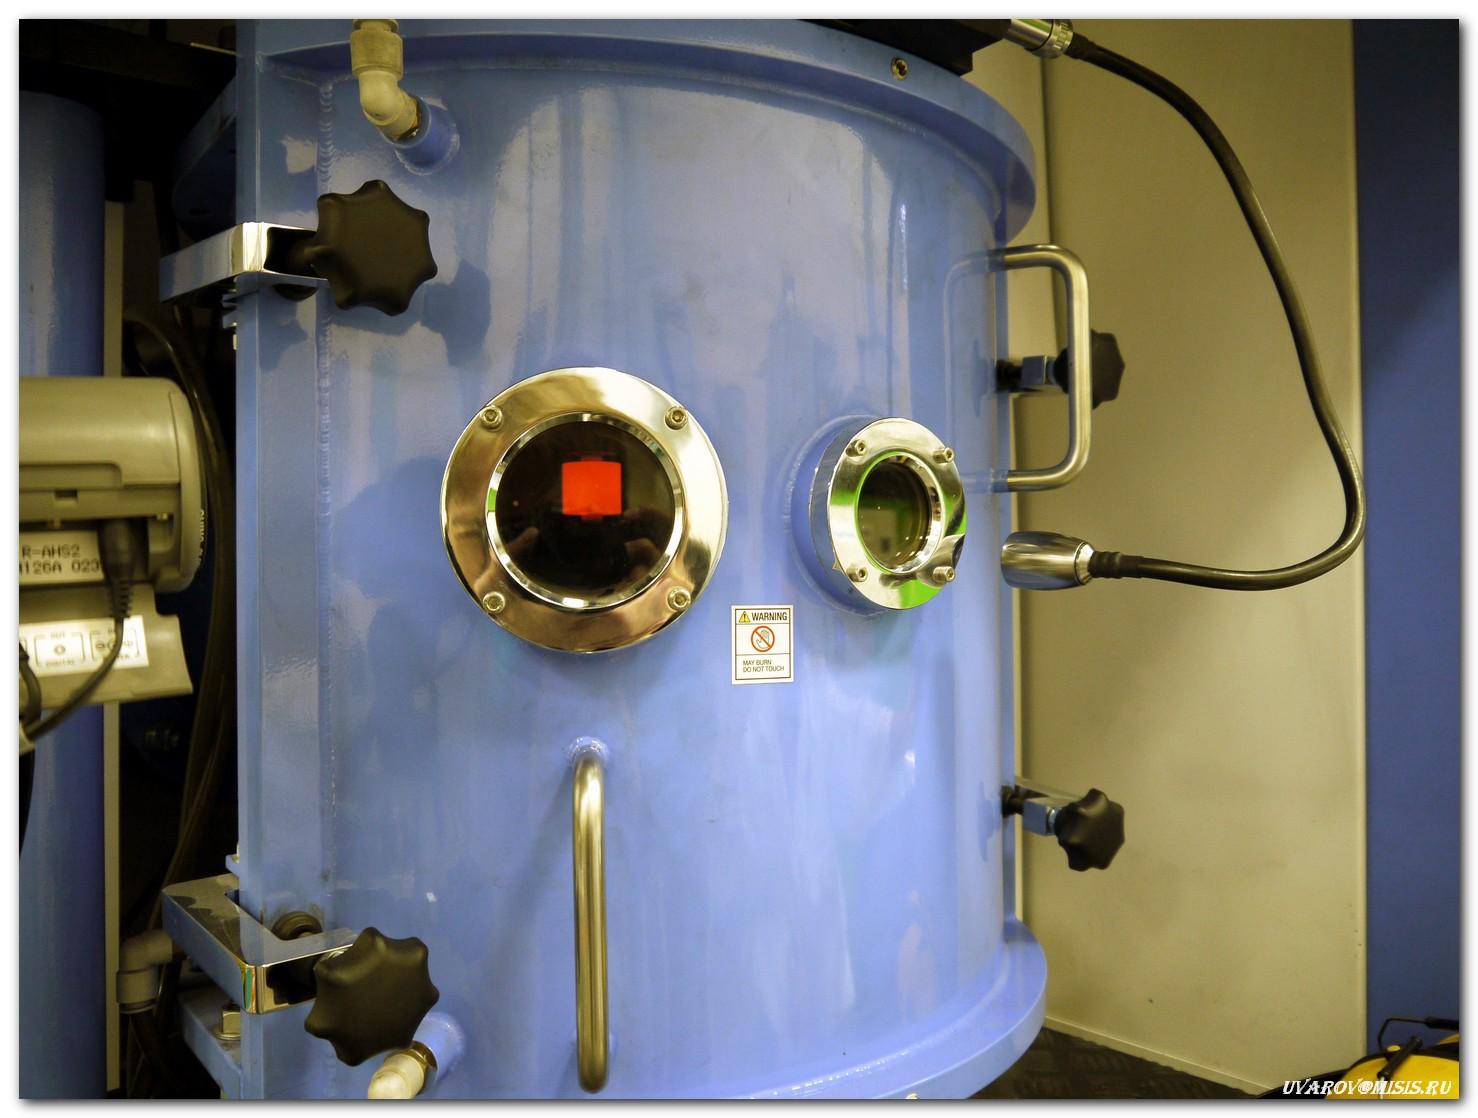 Лаборатории НИТУ «МИСиС»: от разделения наночастиц магнетита до создания квантового компьютера - 14